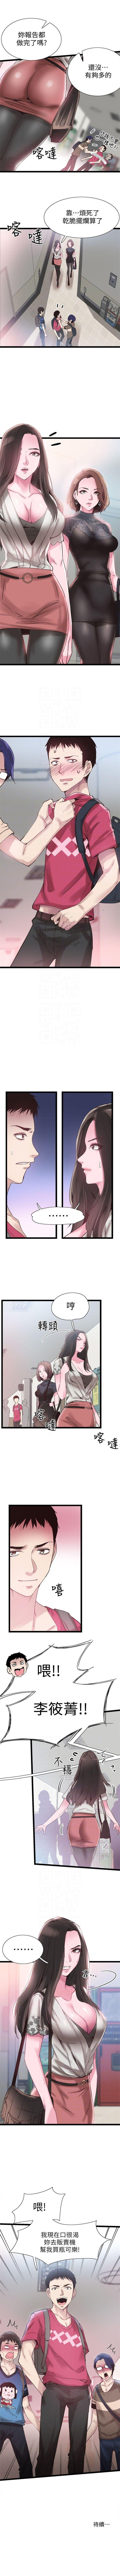 (週7)校園live秀 1-50 中文翻譯(更新中) 70